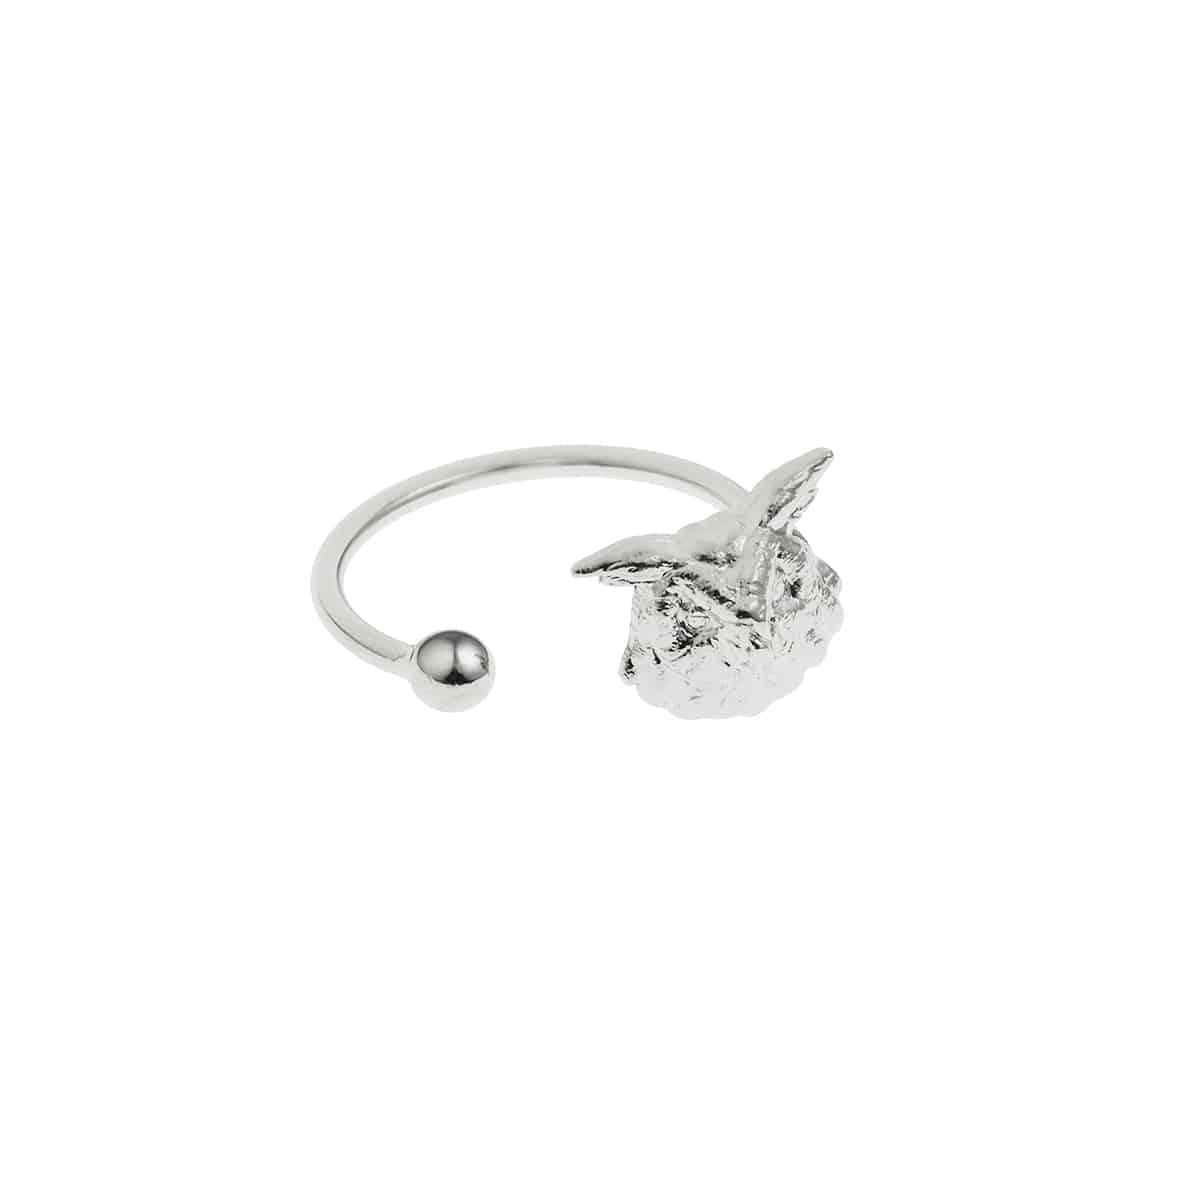 hiboux bague coralie de seynes l'Erudite Concept Store bijoux femme handmade